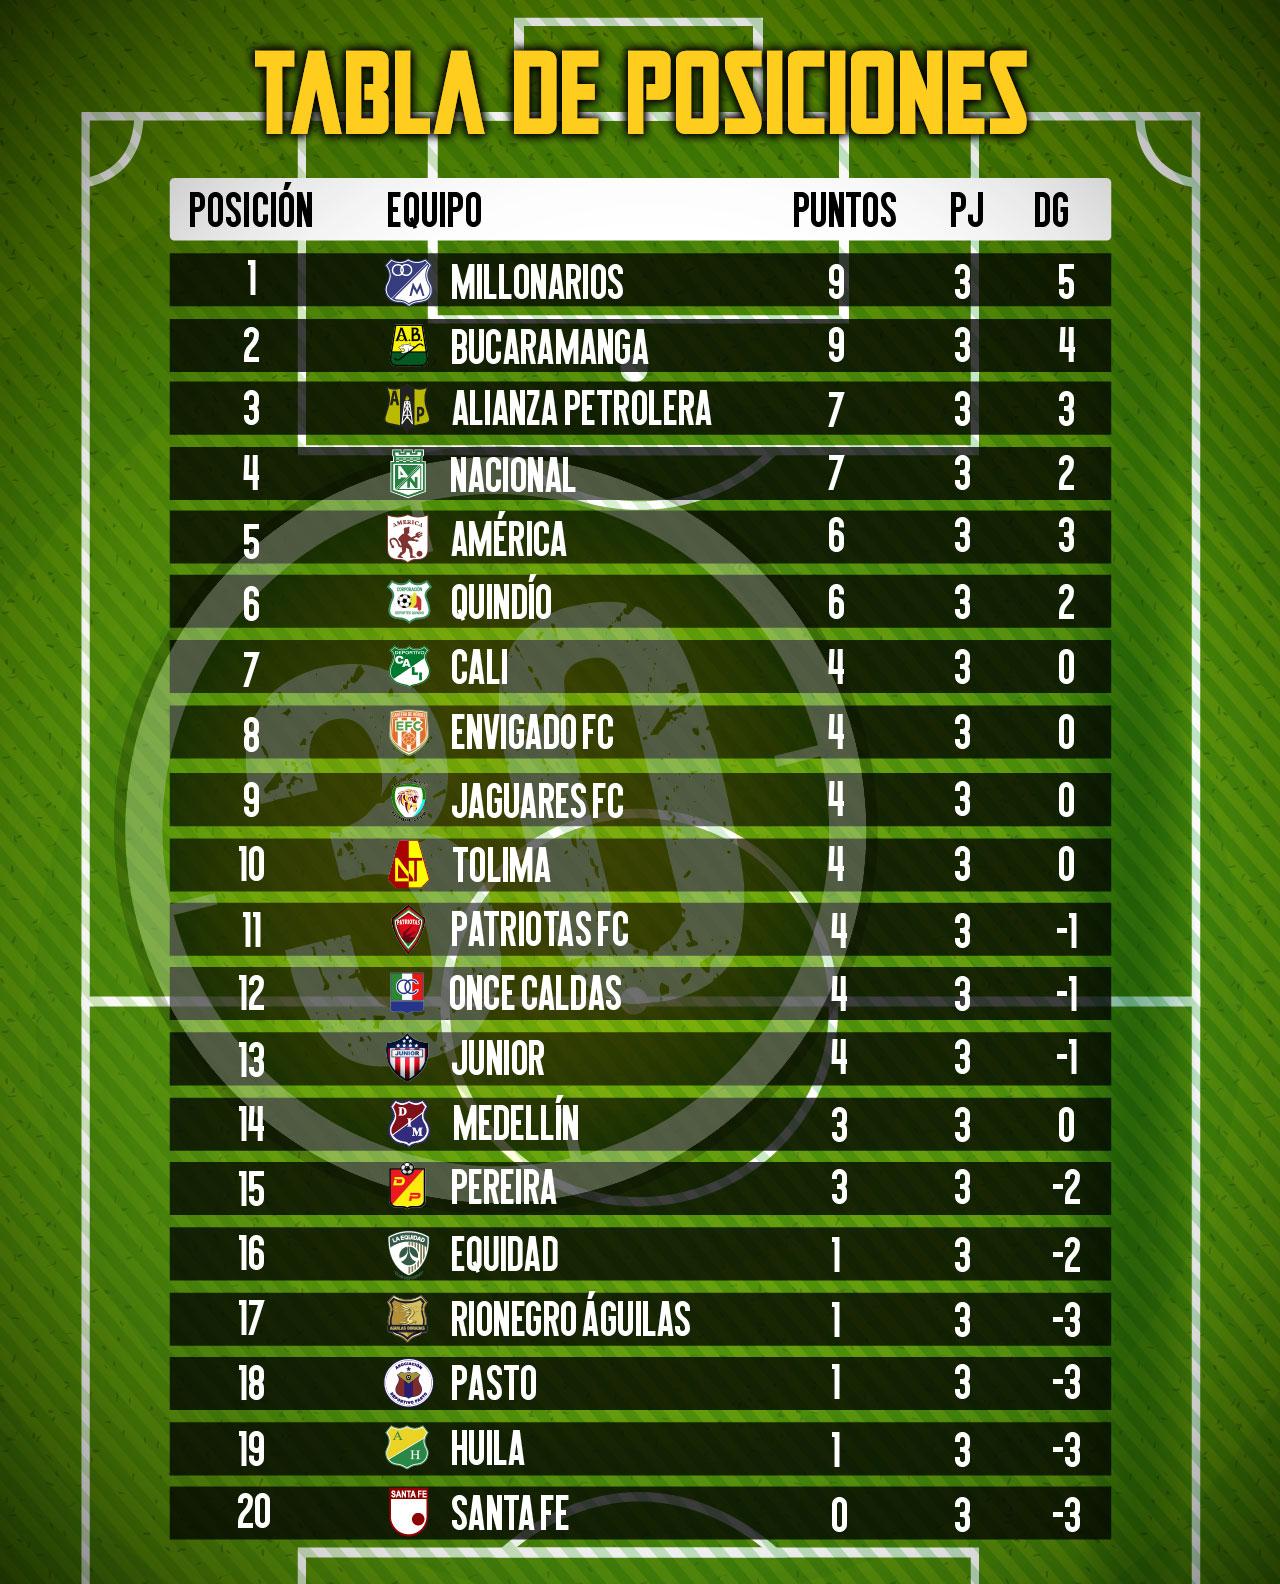 tabla de posiciones 2